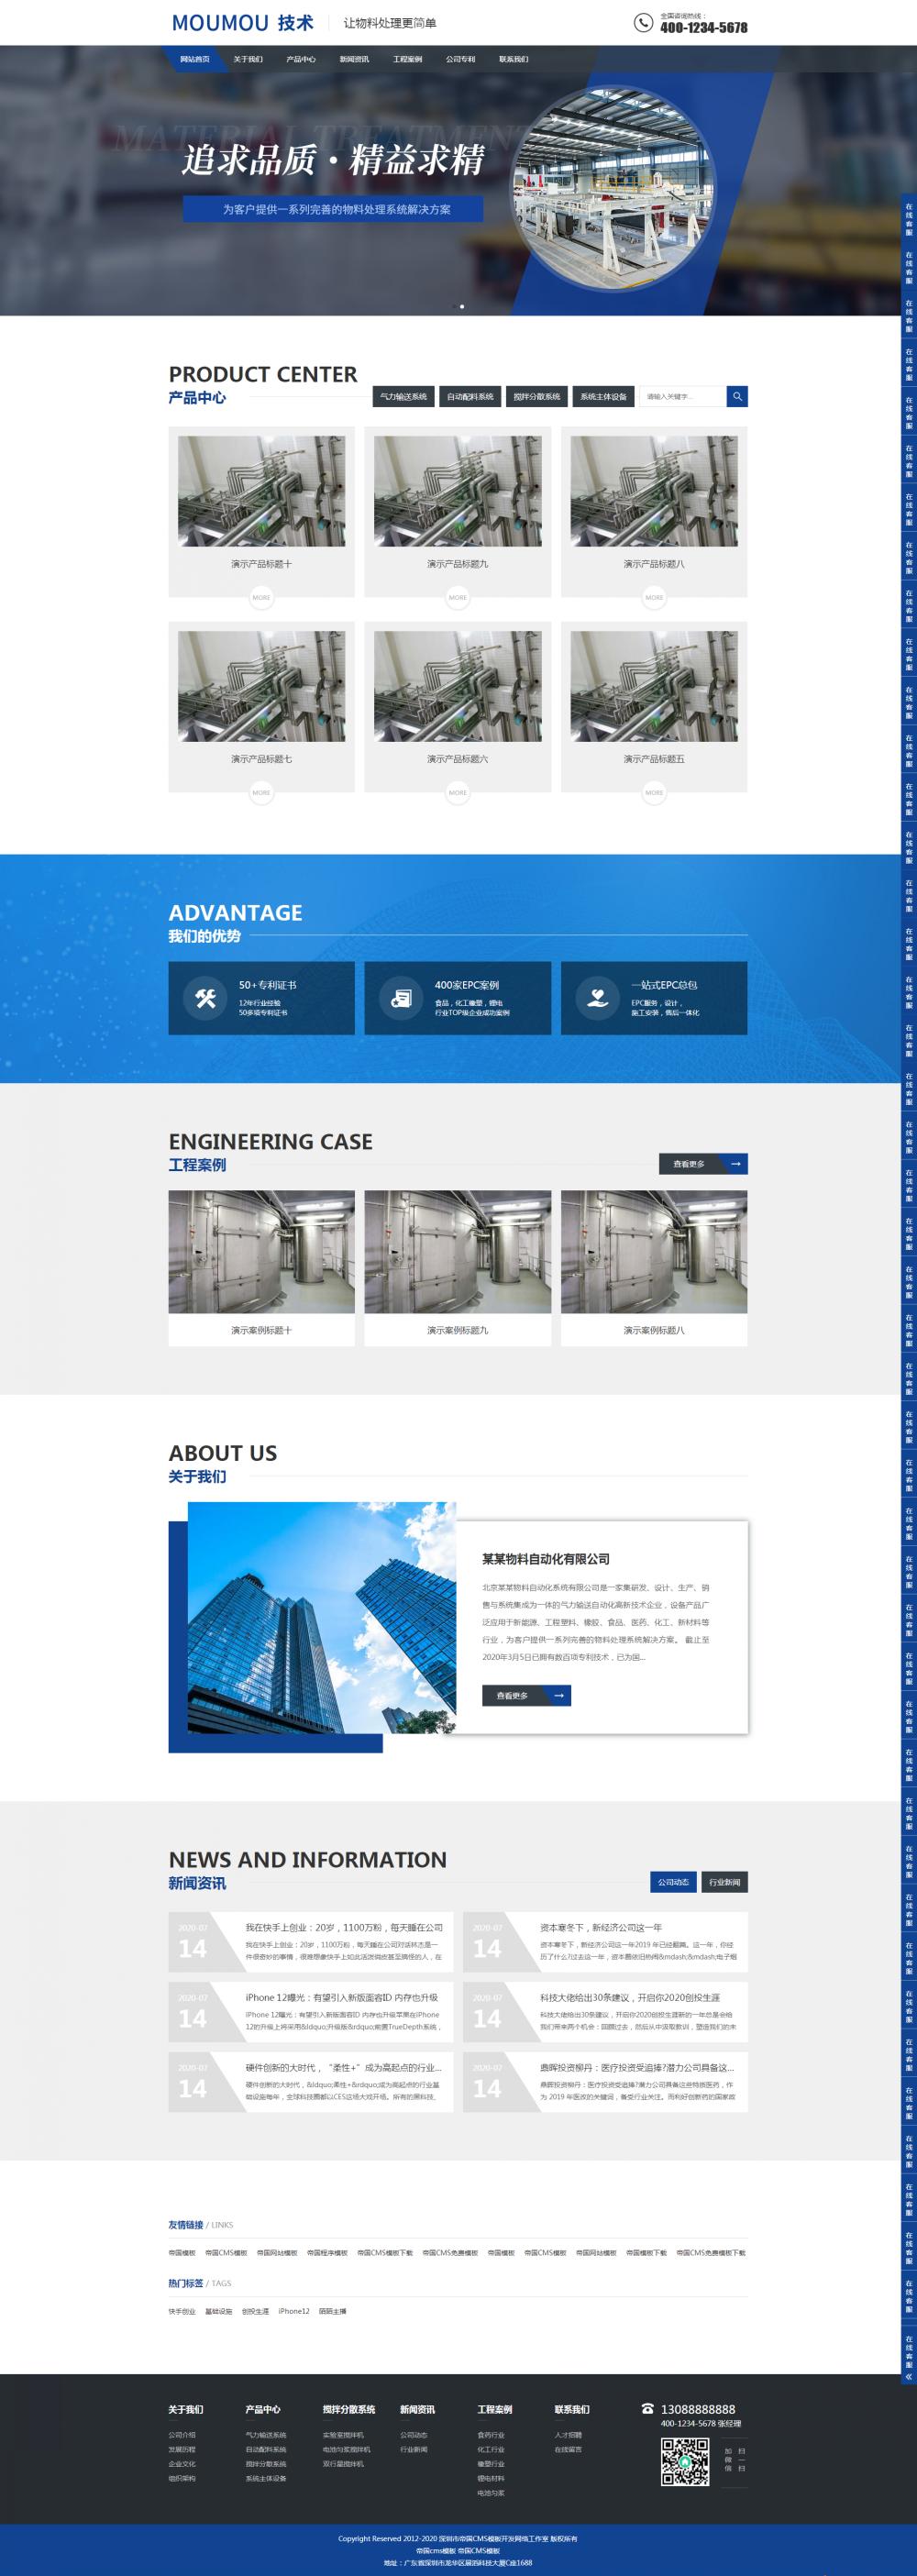 1网站首页.png [DG-123]响应式物料自动化机械加工帝国CMS模板 html5蓝色营销型机械设备帝国网站源码 企业模板 第1张